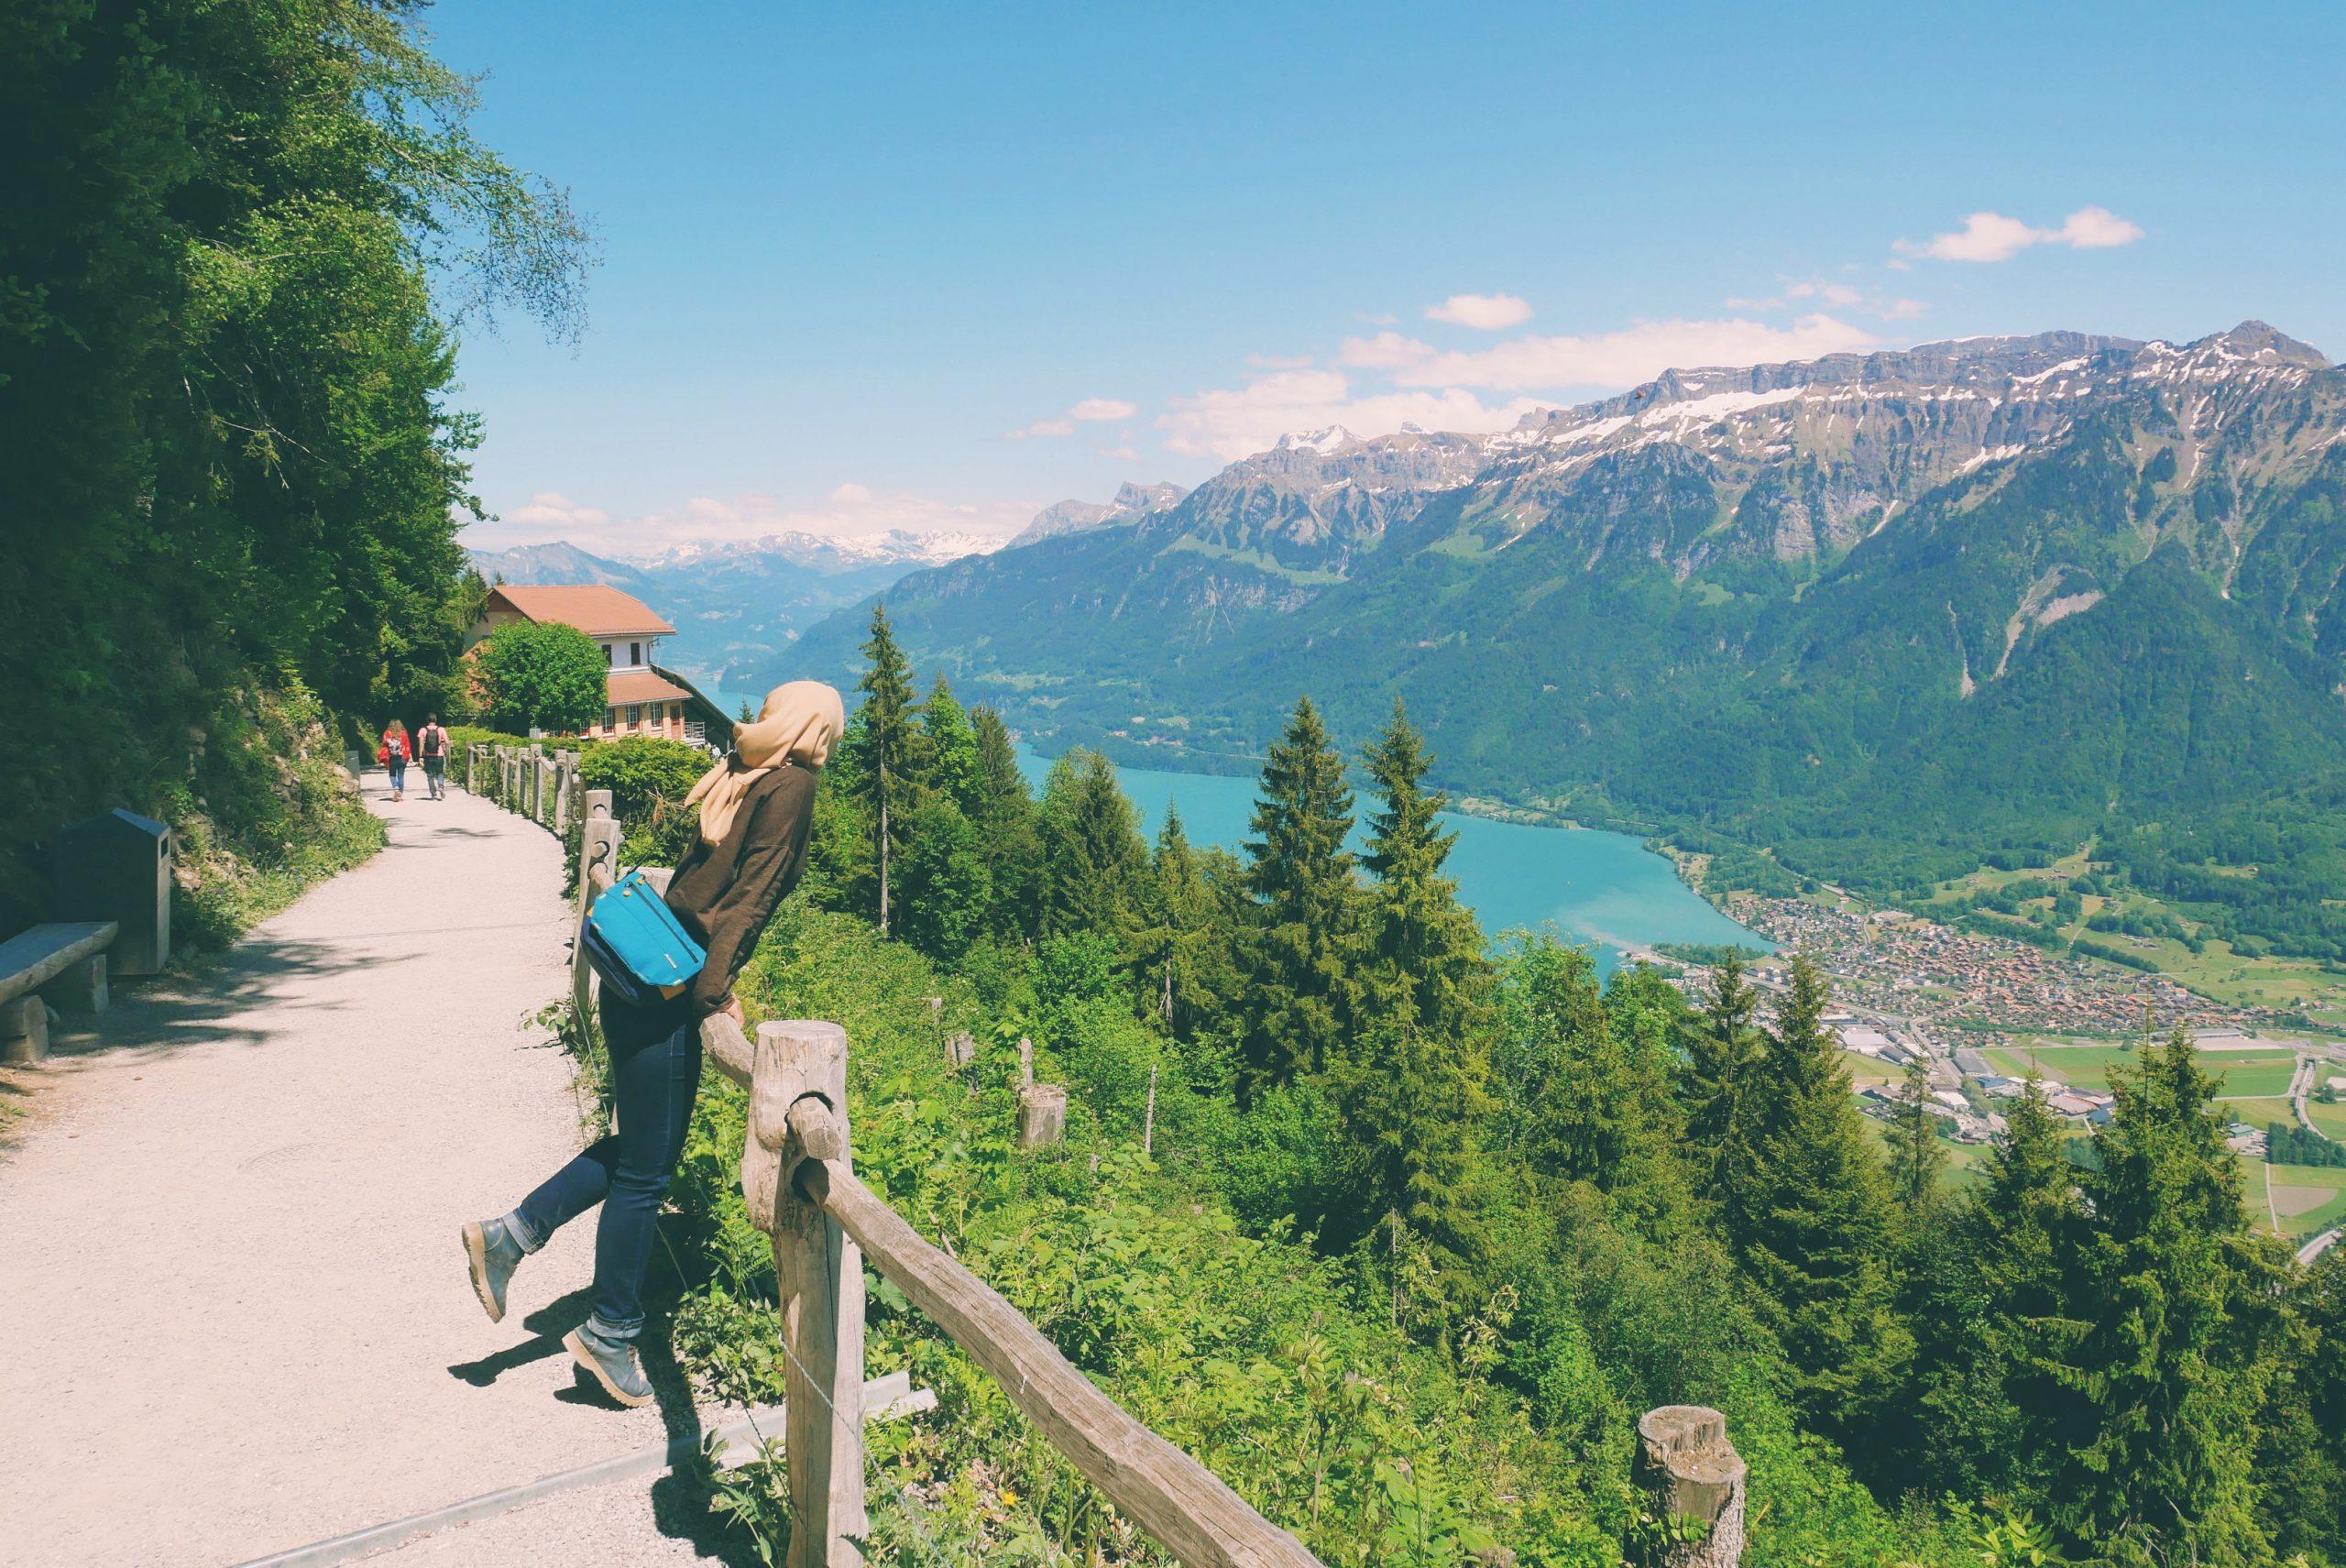 Nasihat dari Interlaken: Jika Kamu Merasa Bosan di Perjalanan, Maka Carilah Kursi Kosong